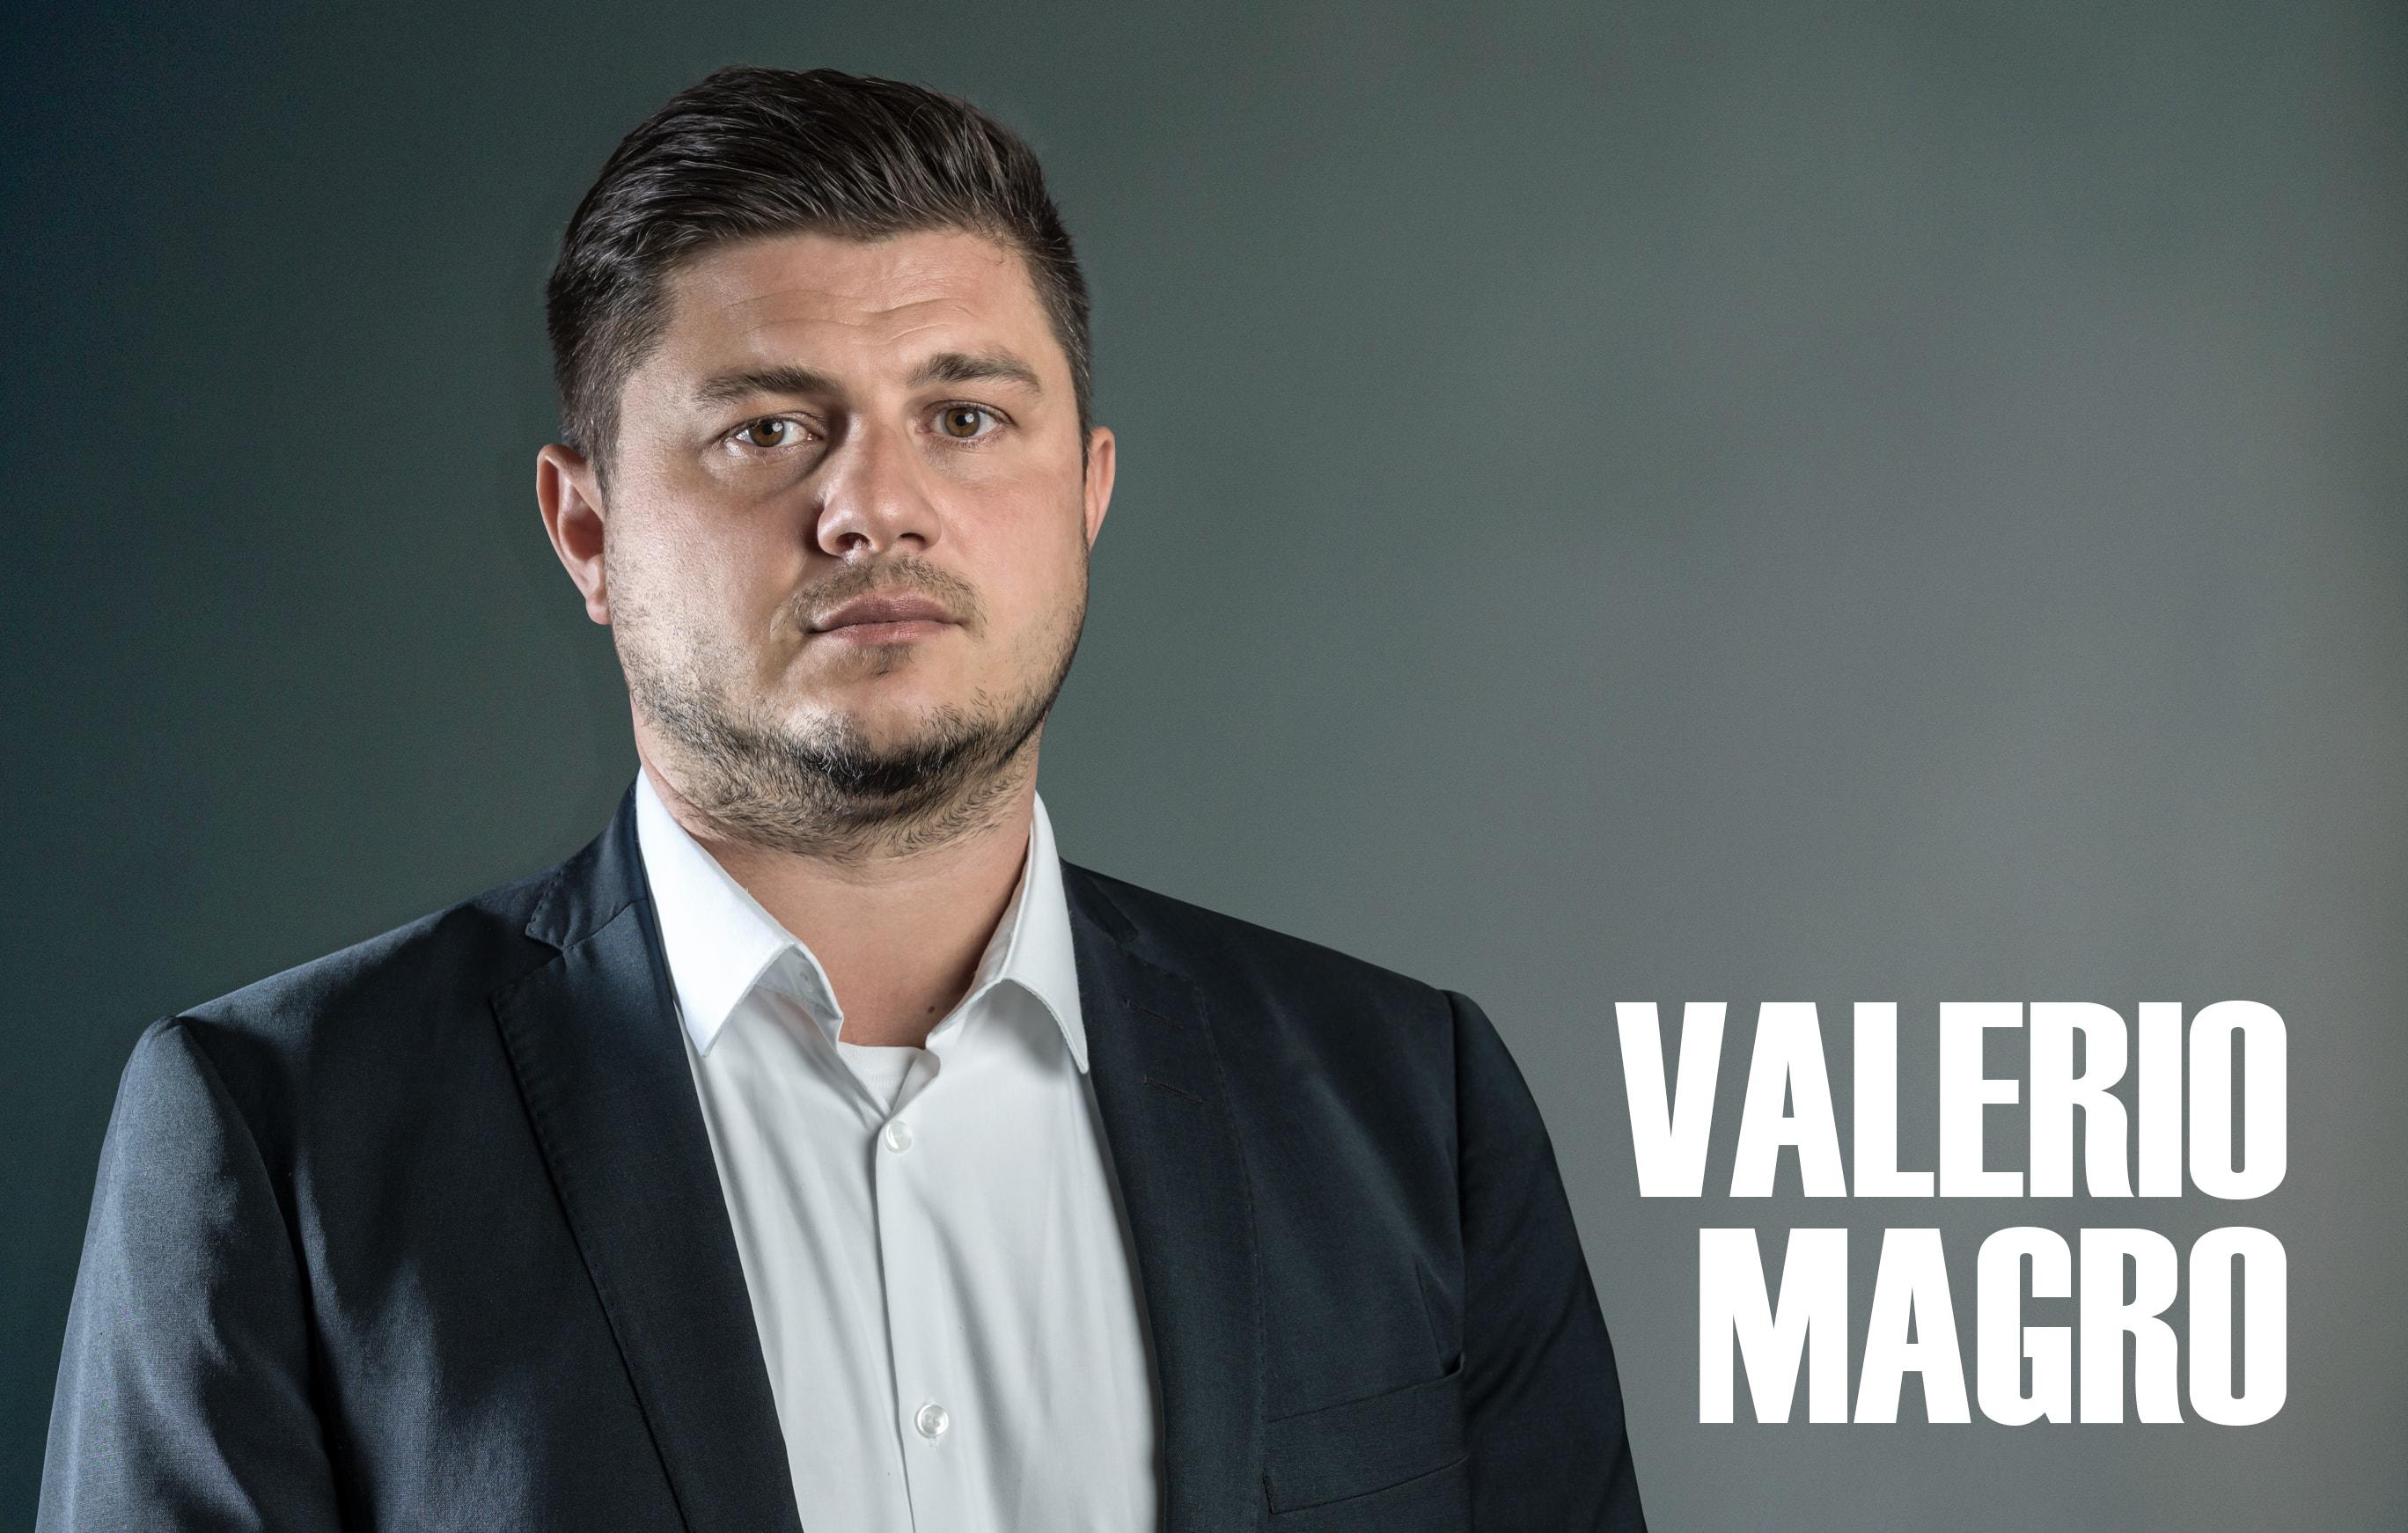 Valerio Magro